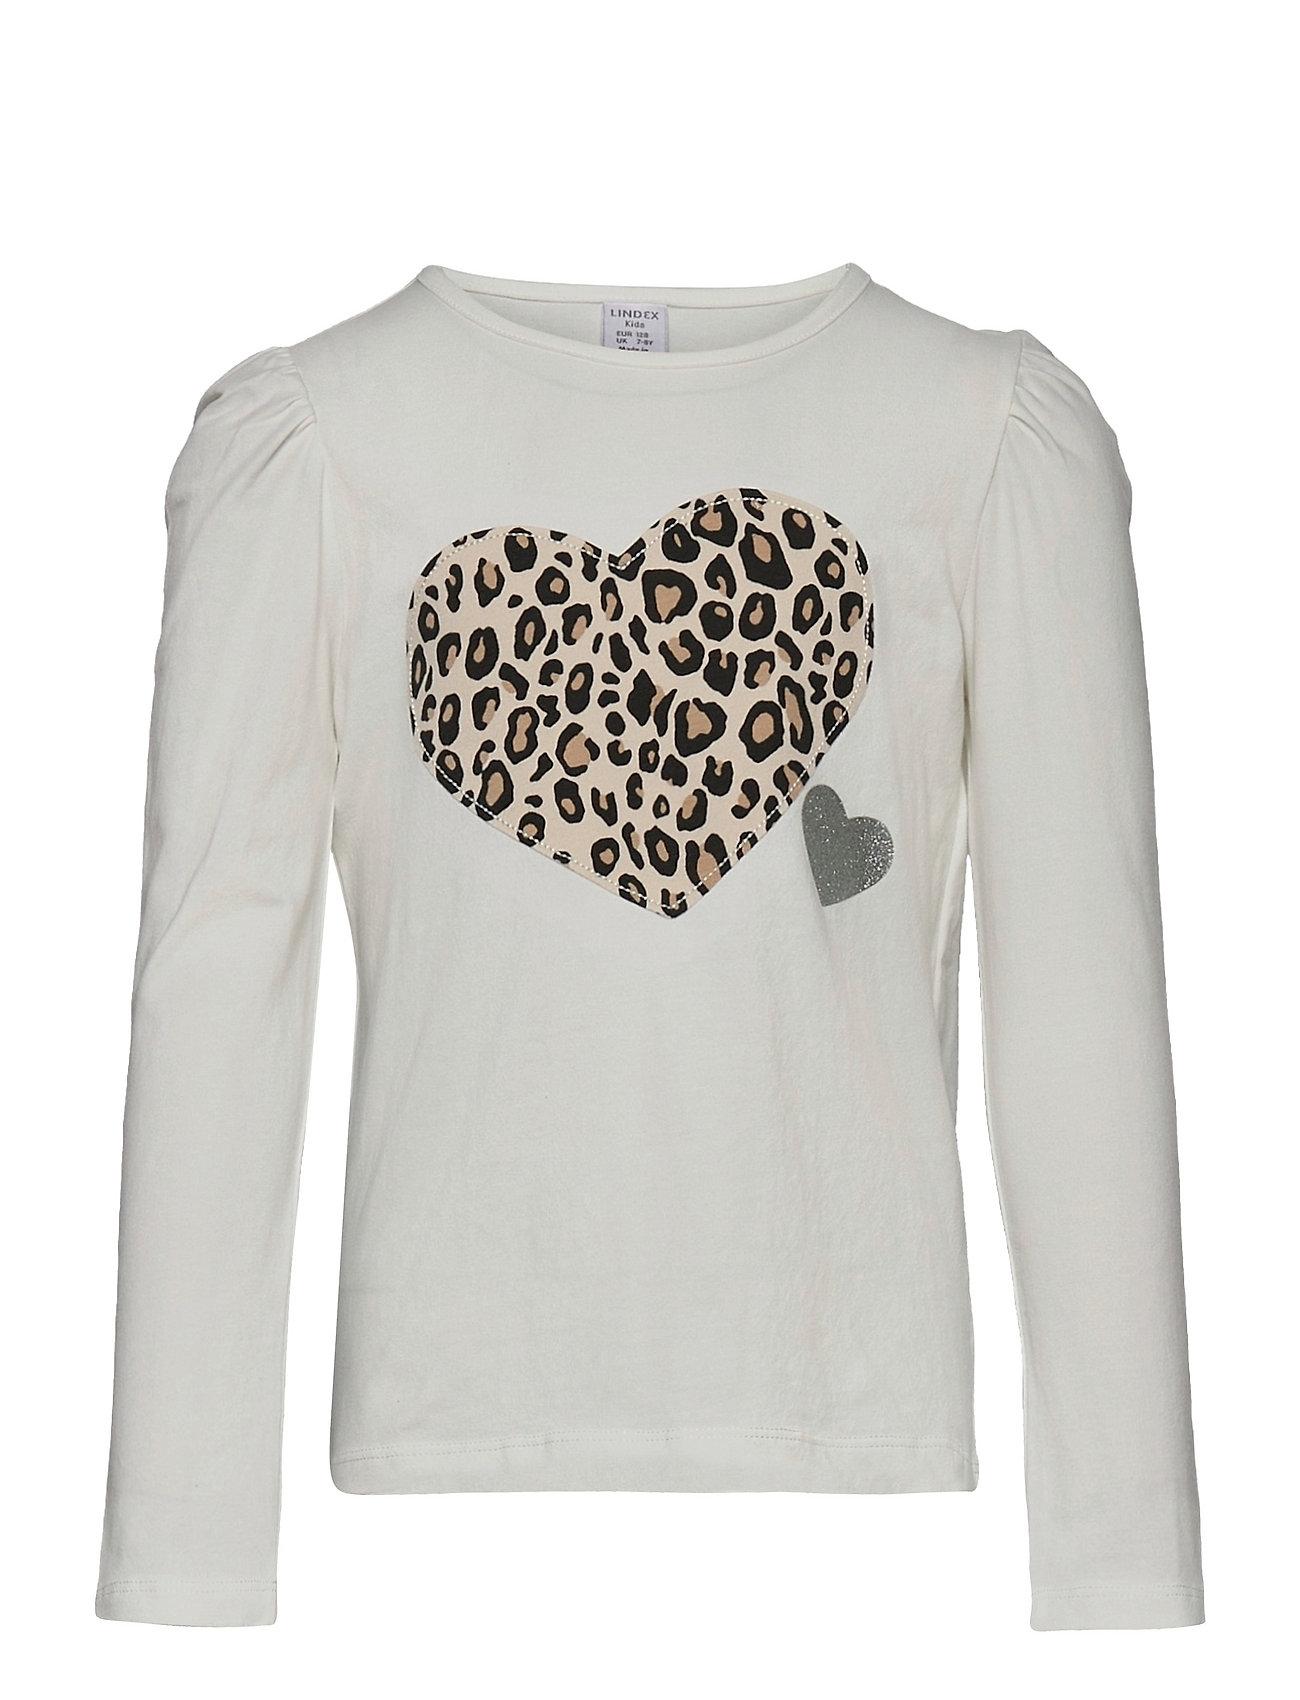 Top L S Leo Applique Langærmet T-shirt Hvid Lindex